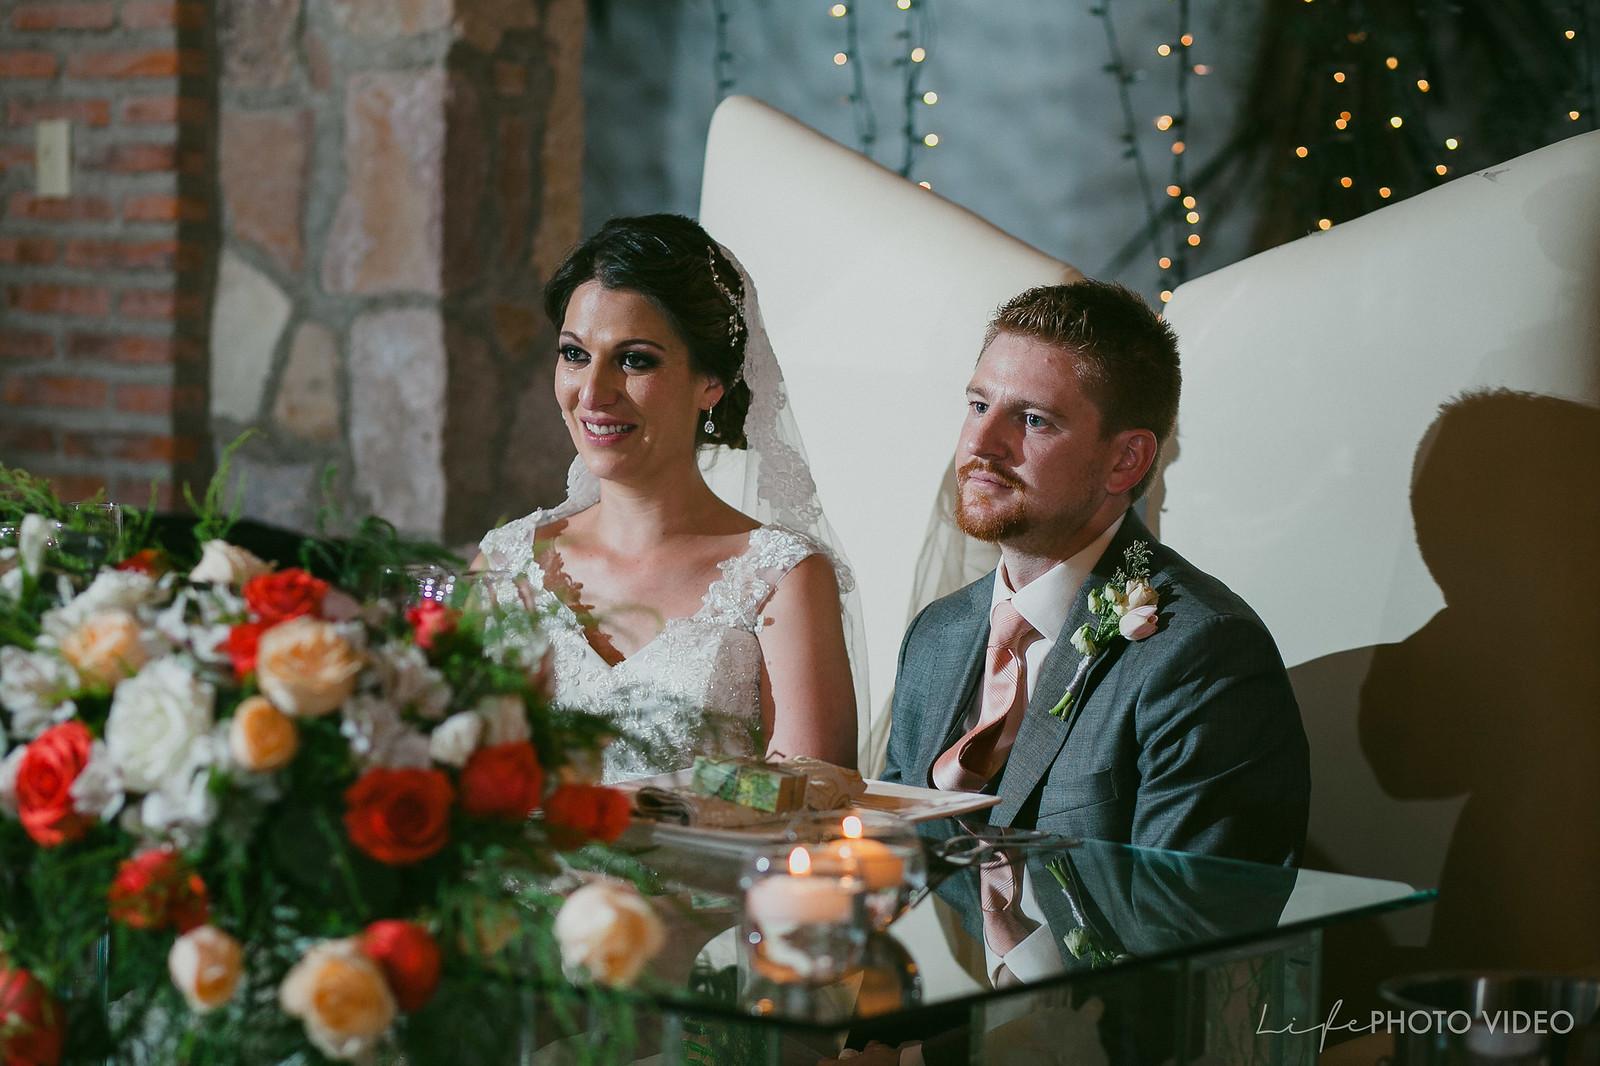 LifePhotoVideo_Boda_LeonGto_Wedding_0024.jpg